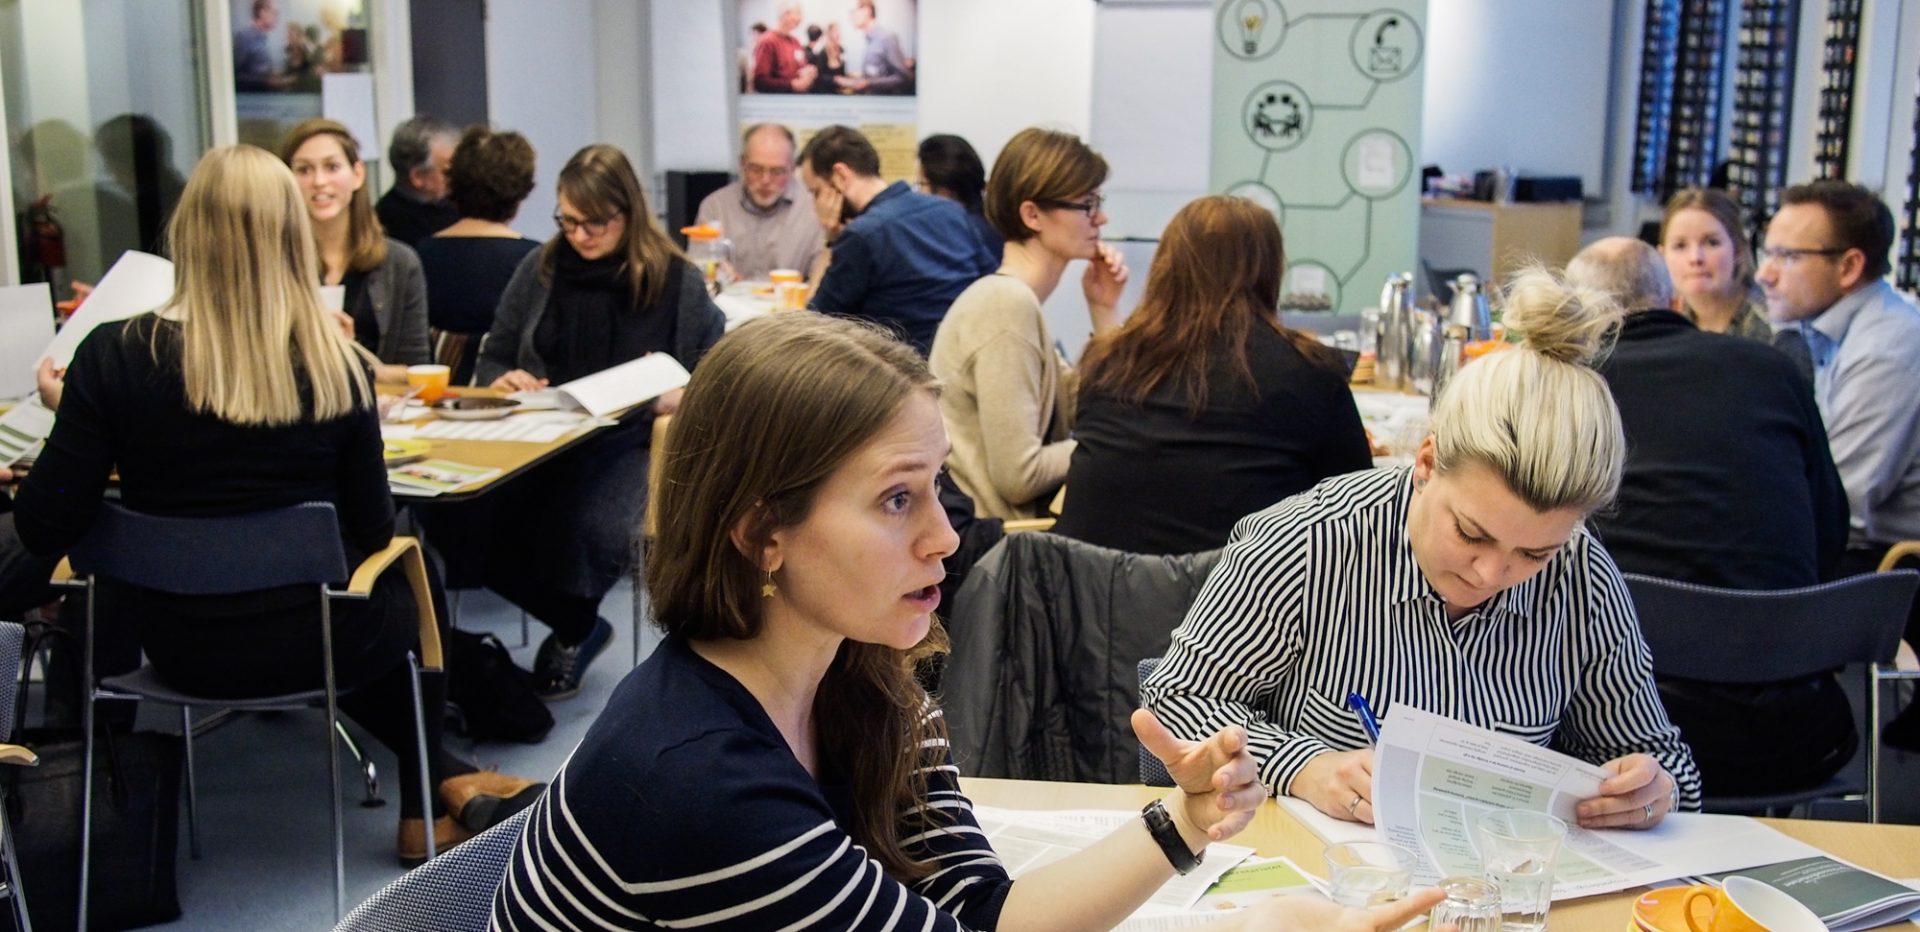 Flere personer samlet til workshop med Kompetencesekretariatet